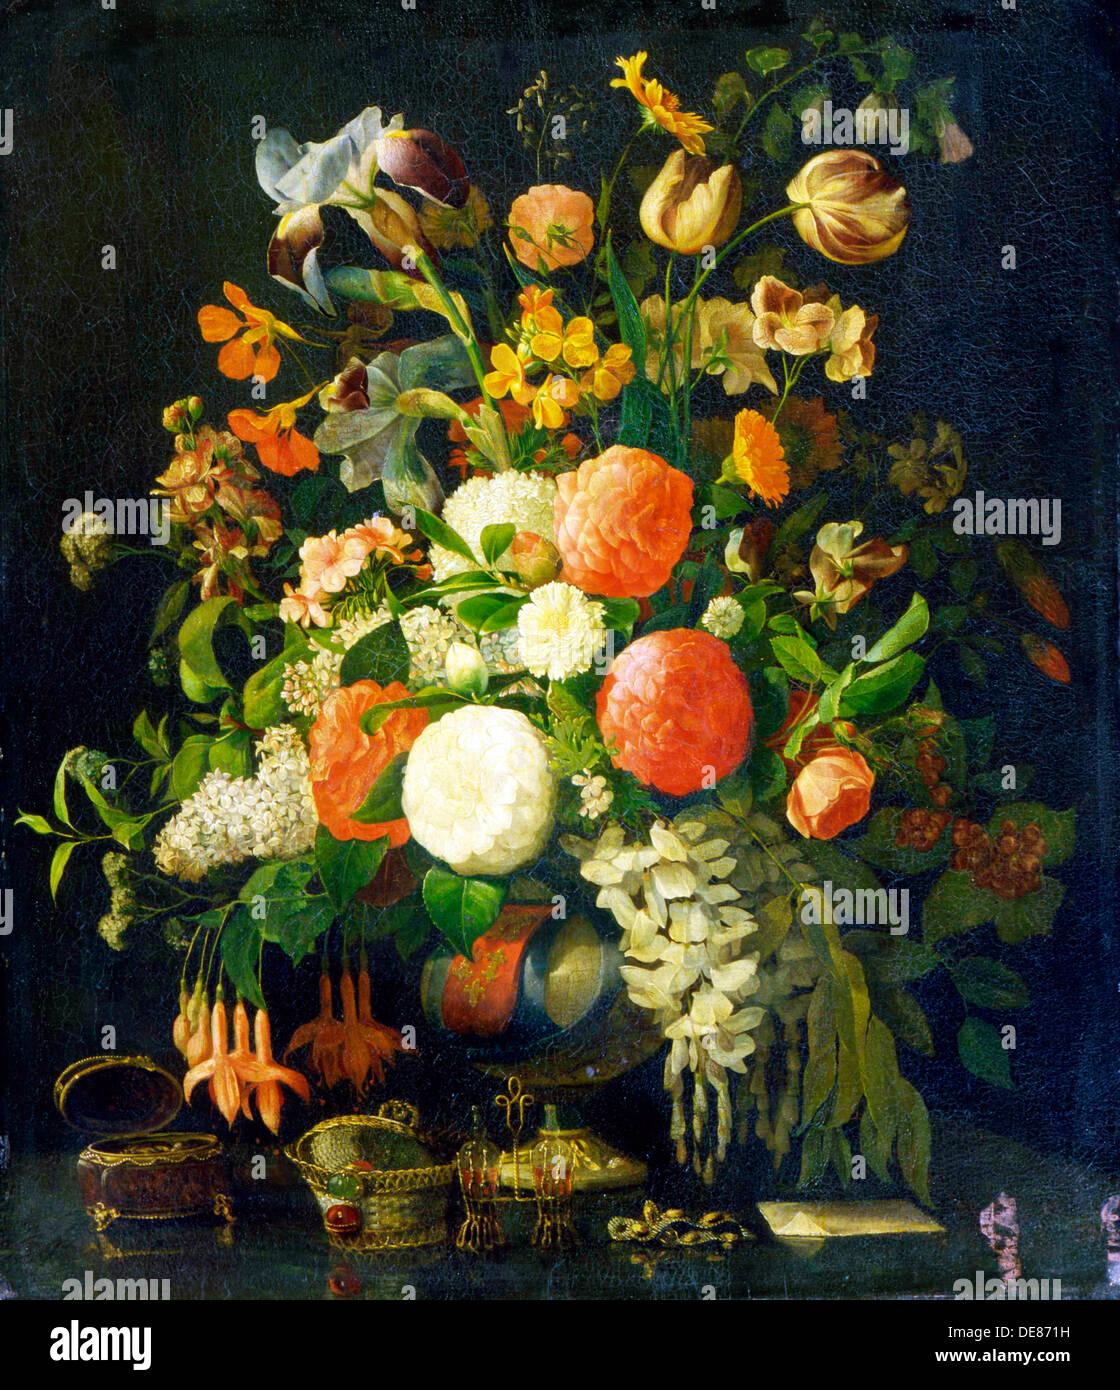 'Fiori', del XVIII secolo. Artista: Rachel Ruysch Immagini Stock